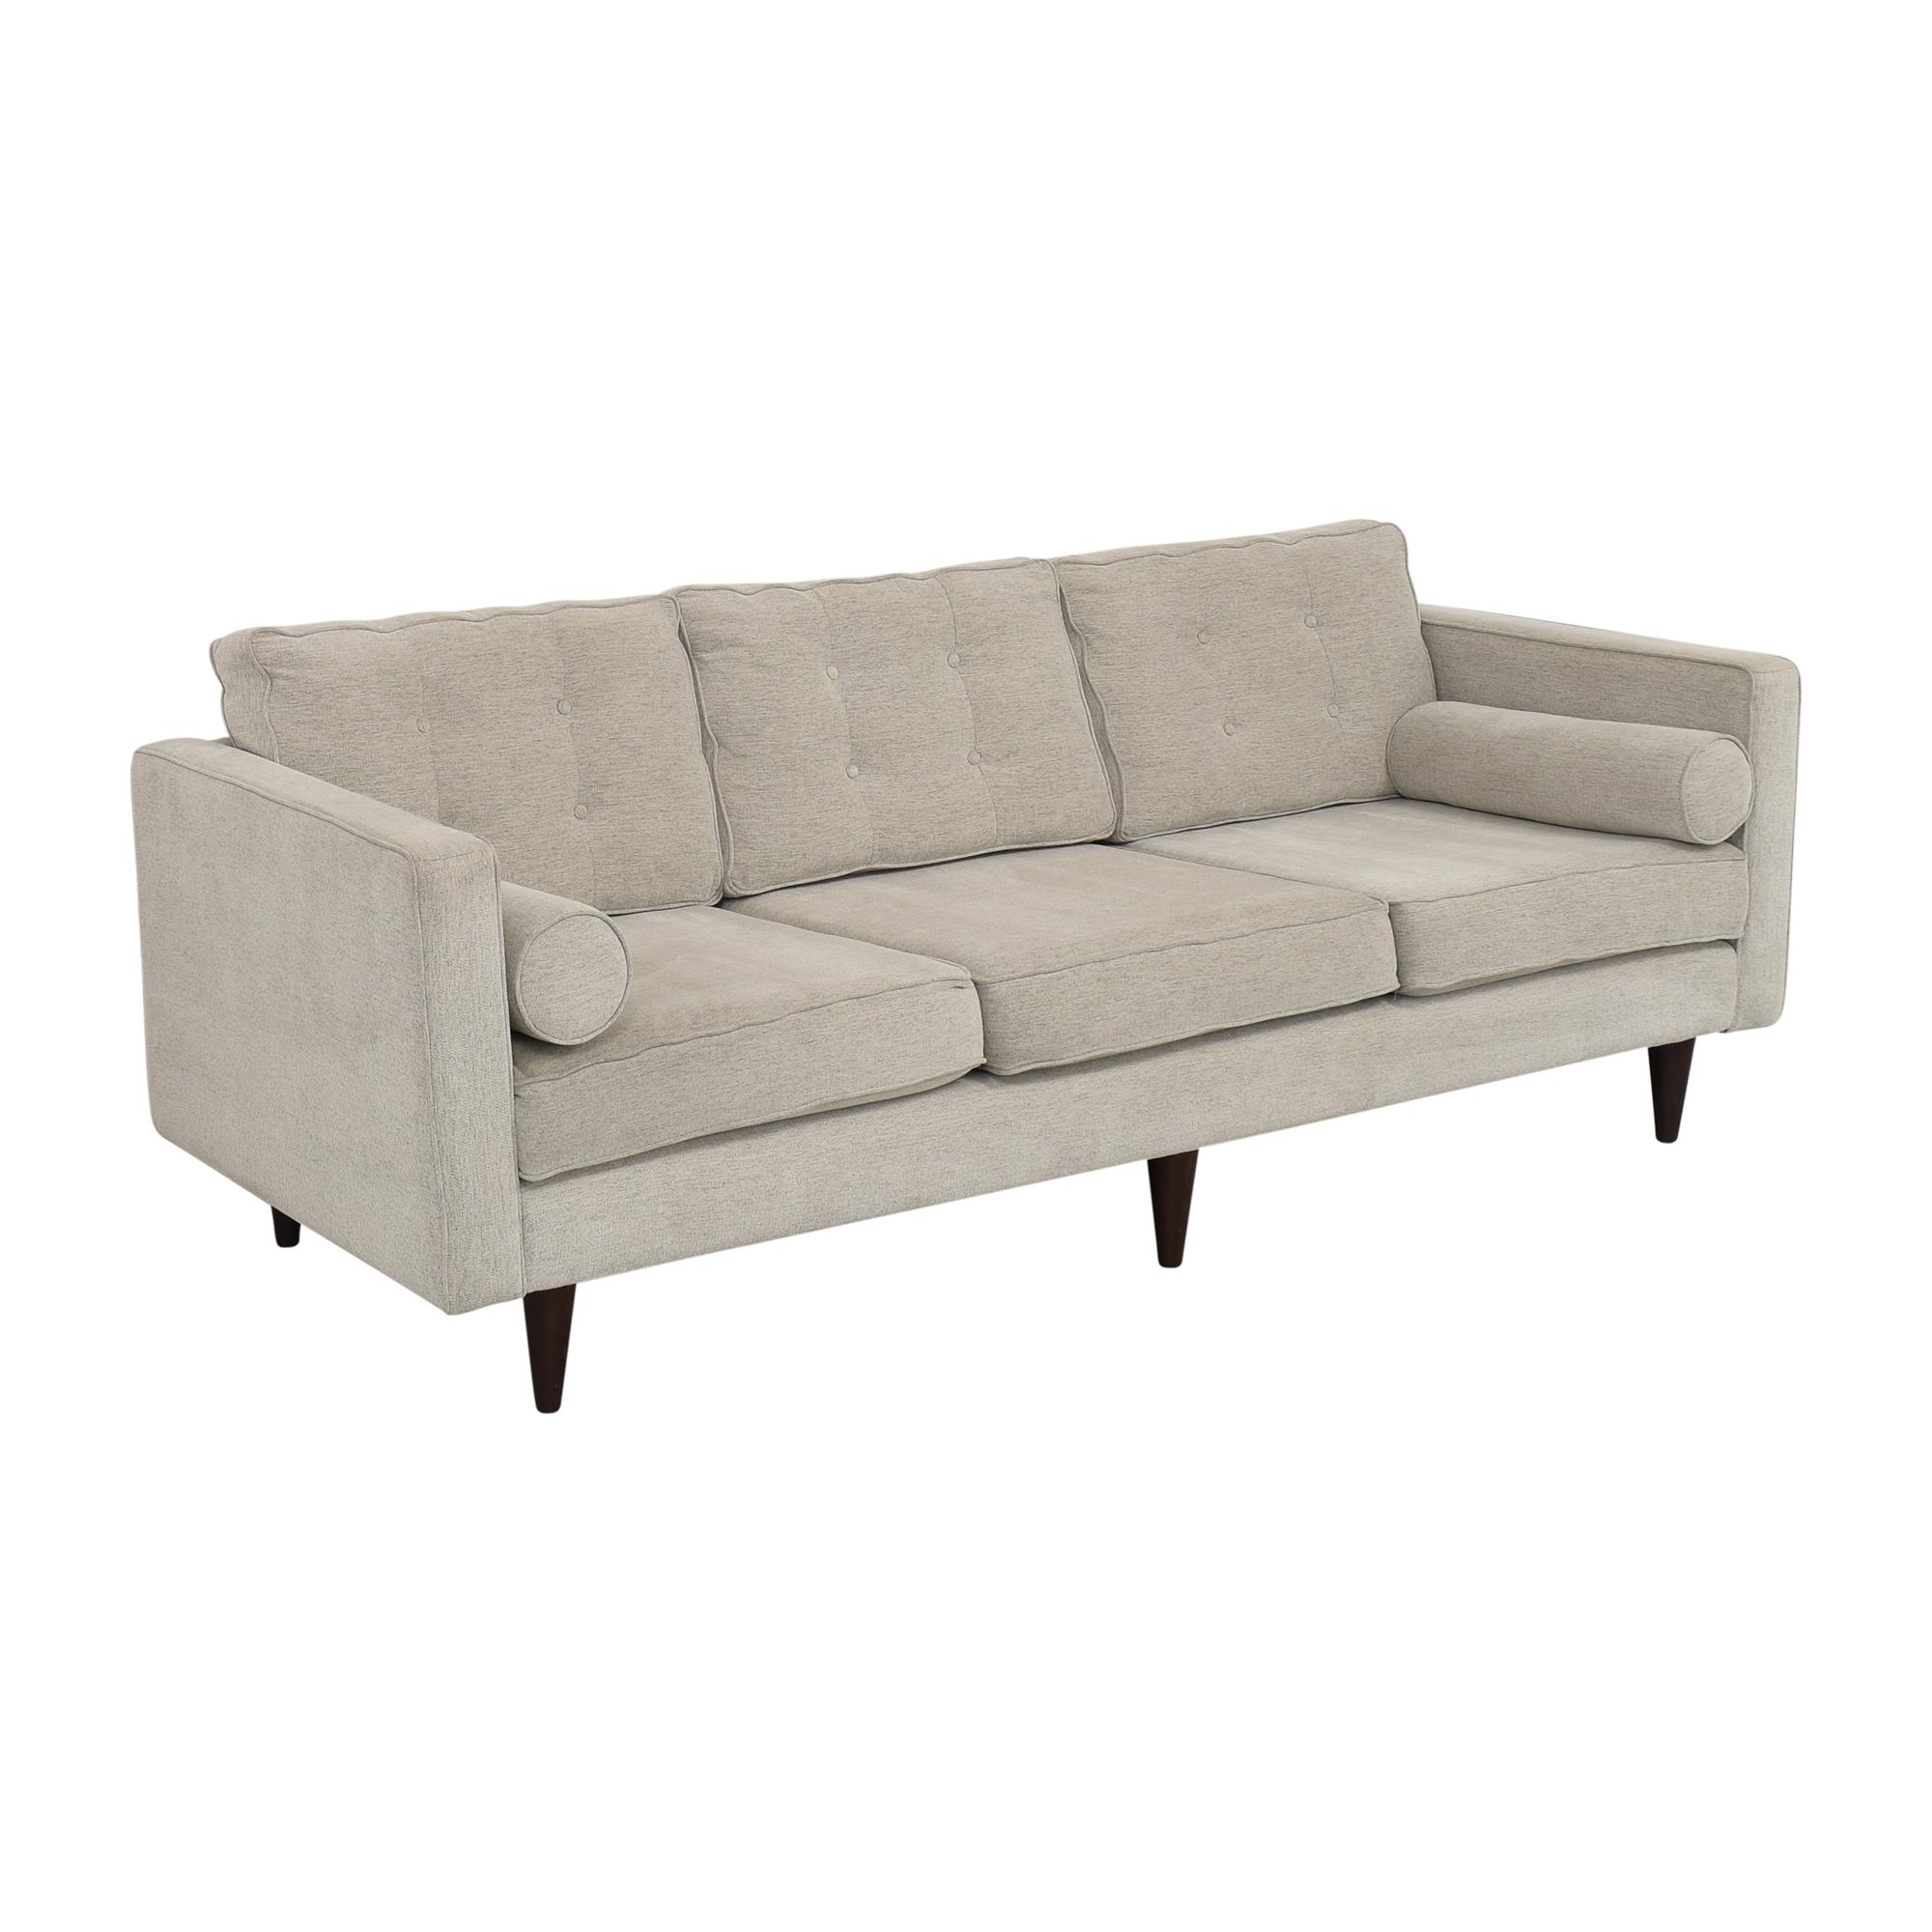 Joybird Joybird Braxton Mid Century Sofa